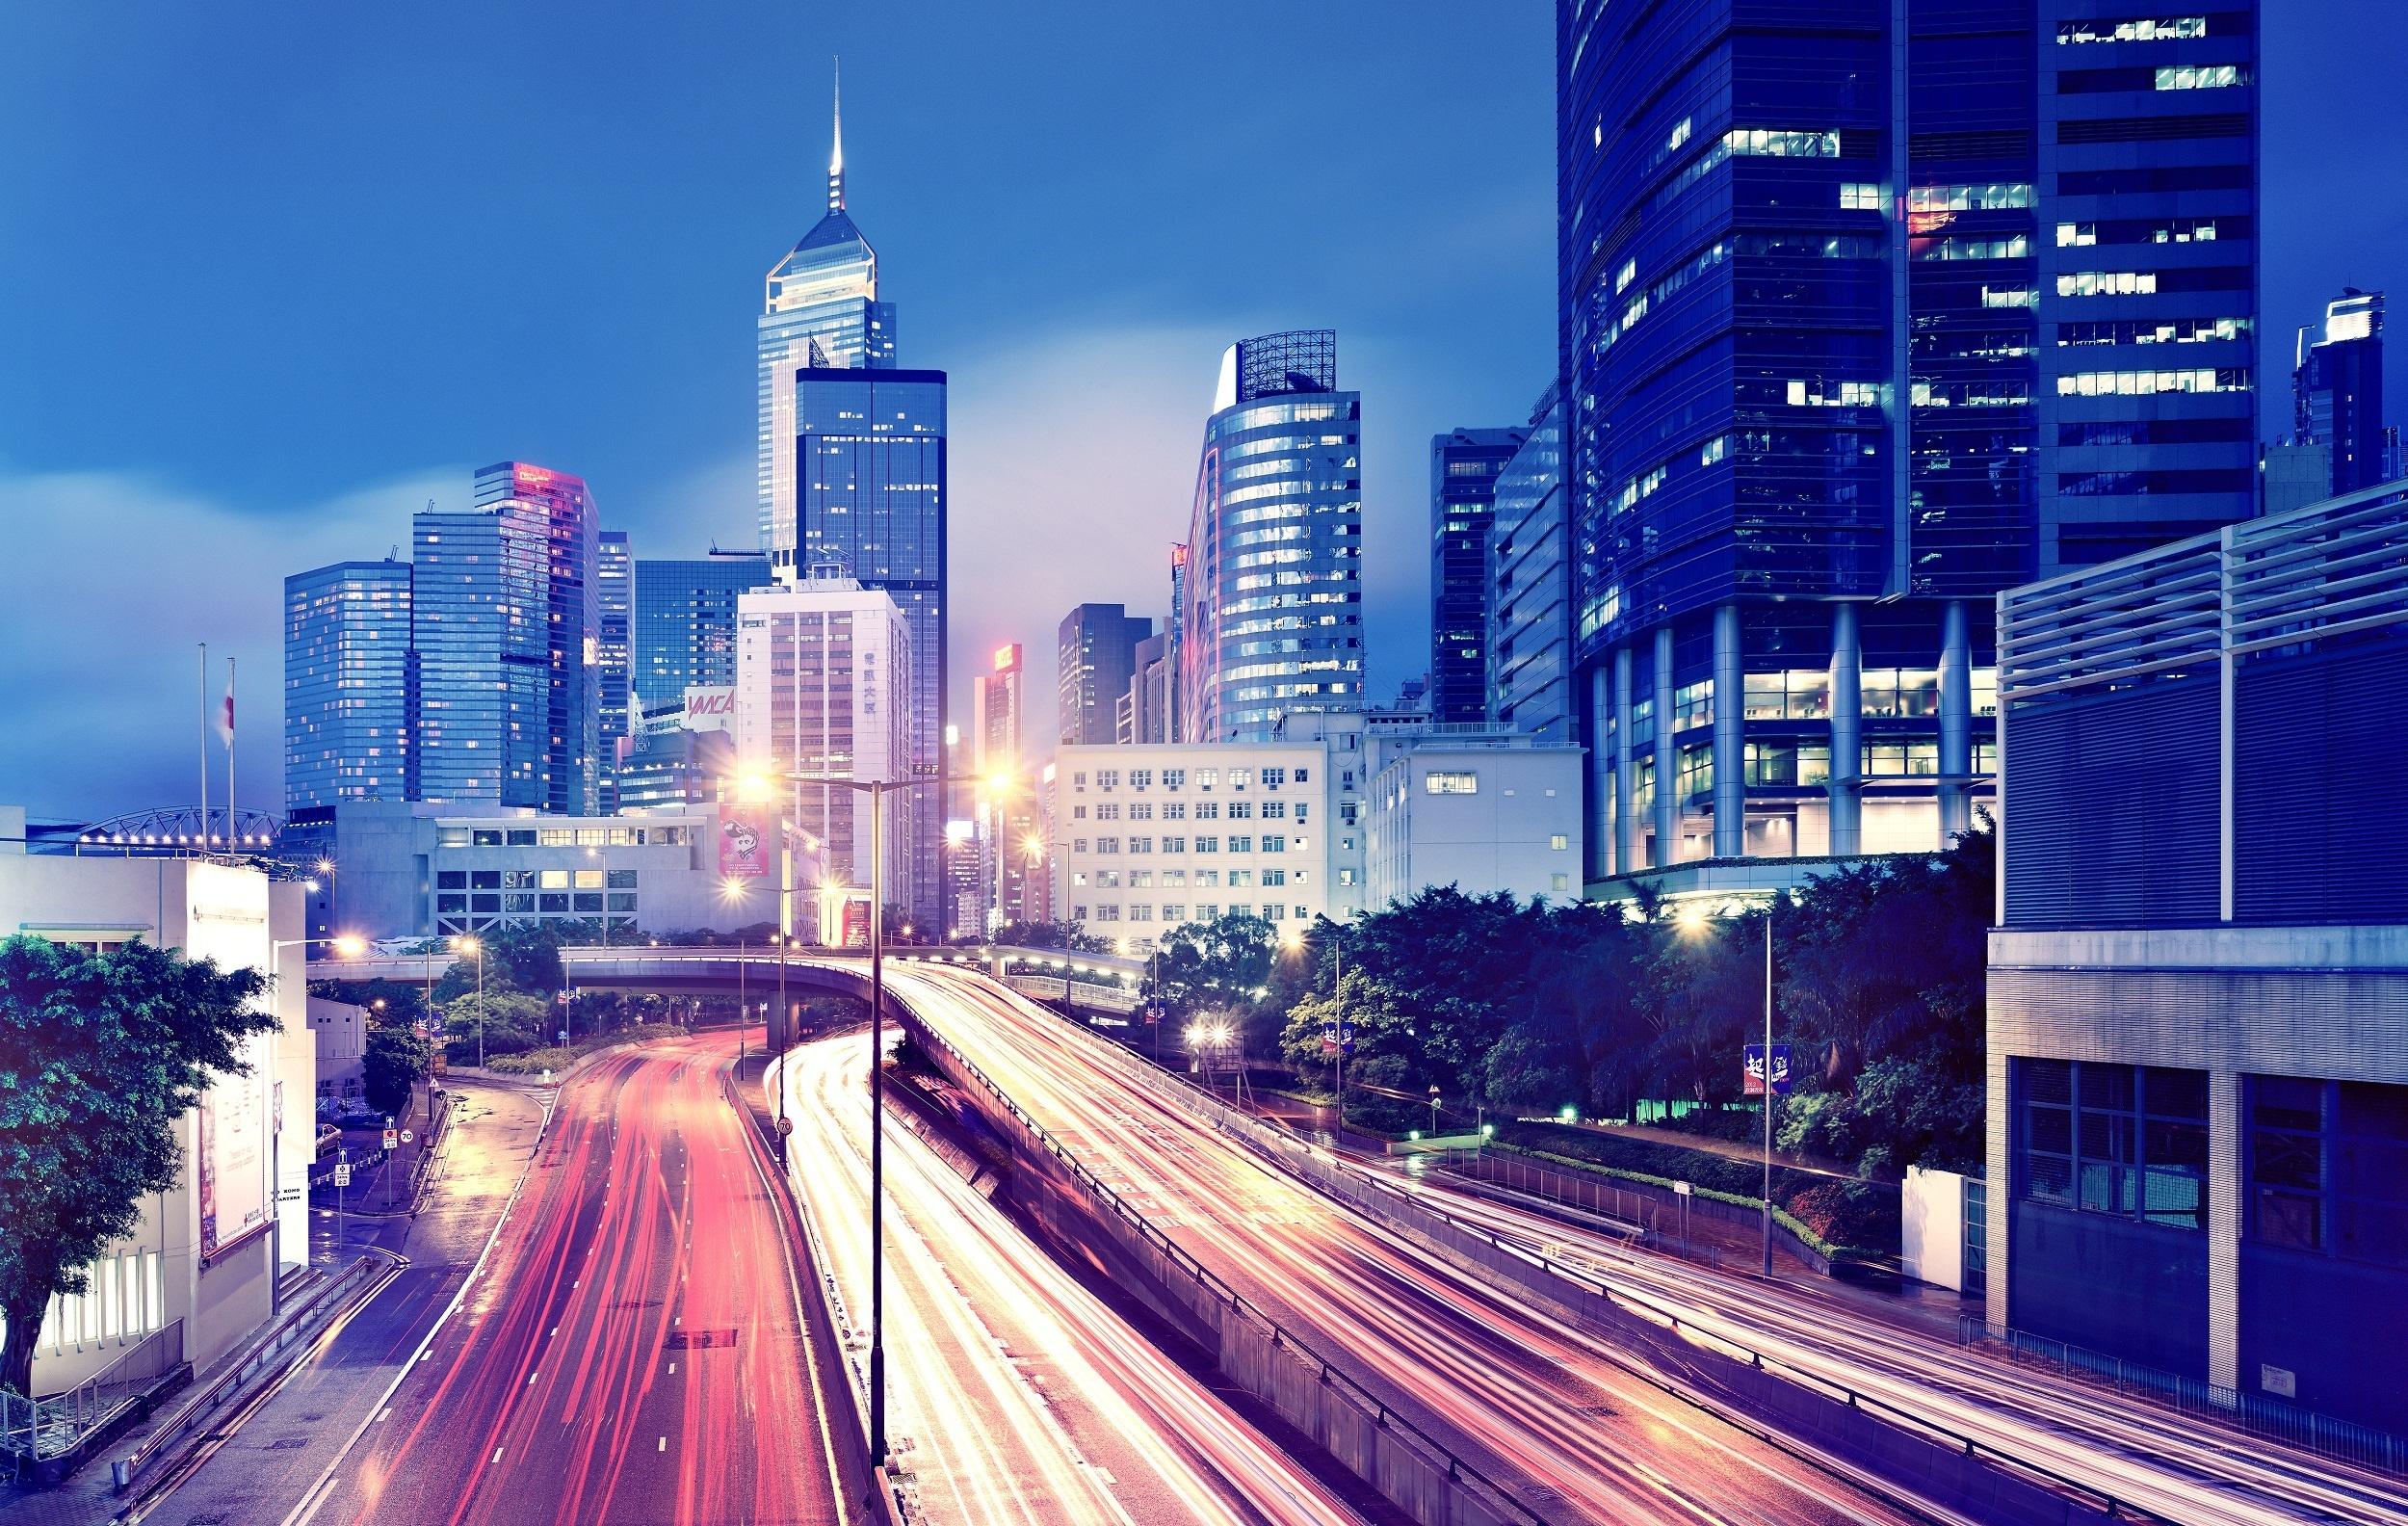 как фото города с большим разрешением полянку нему